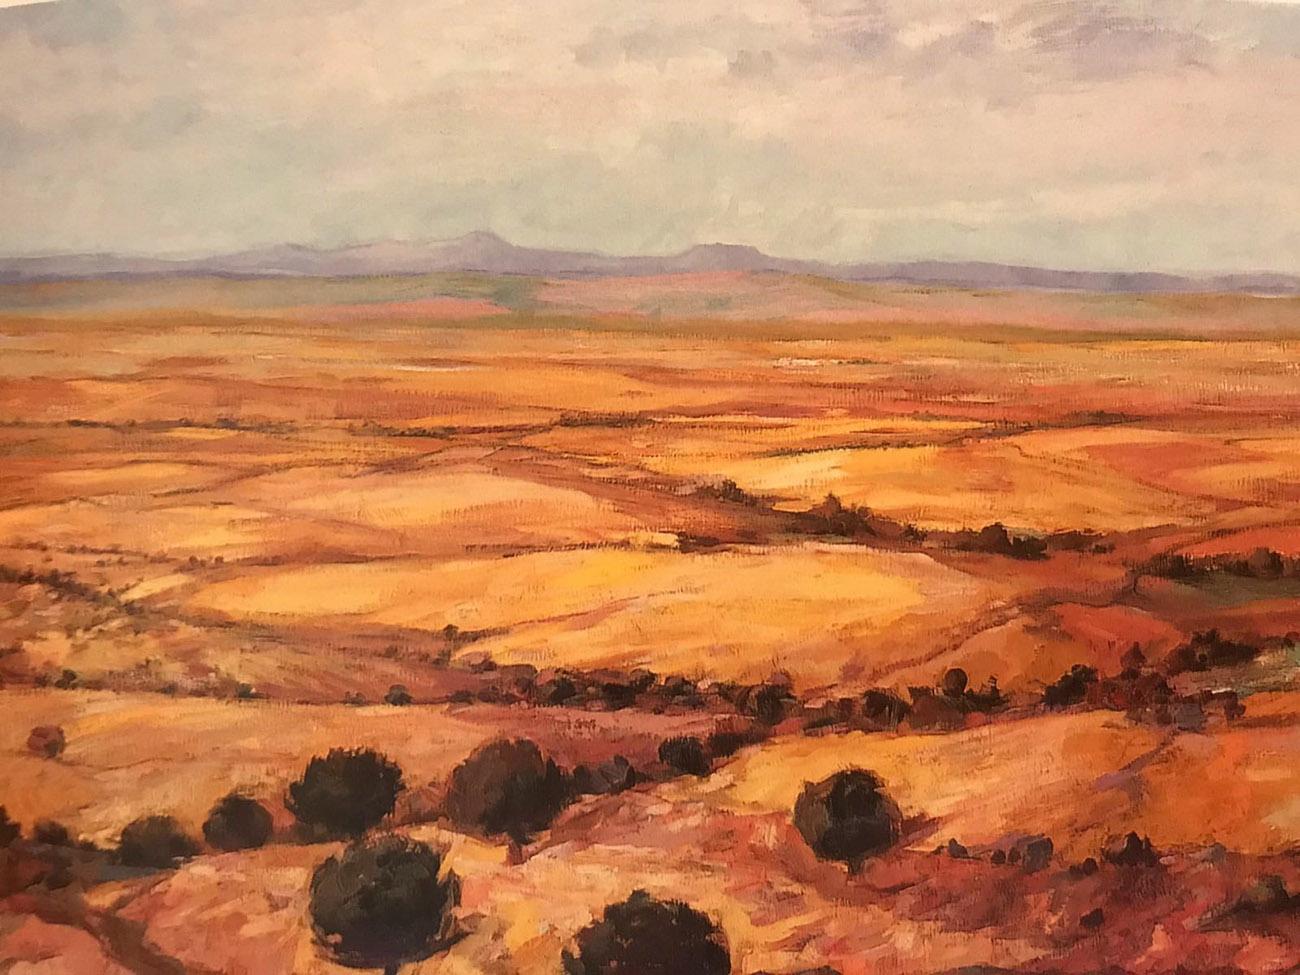 Juan Amo. (1999). Rastrojos. Óleo - Lienzo. 81 x 116. Colección Privada.